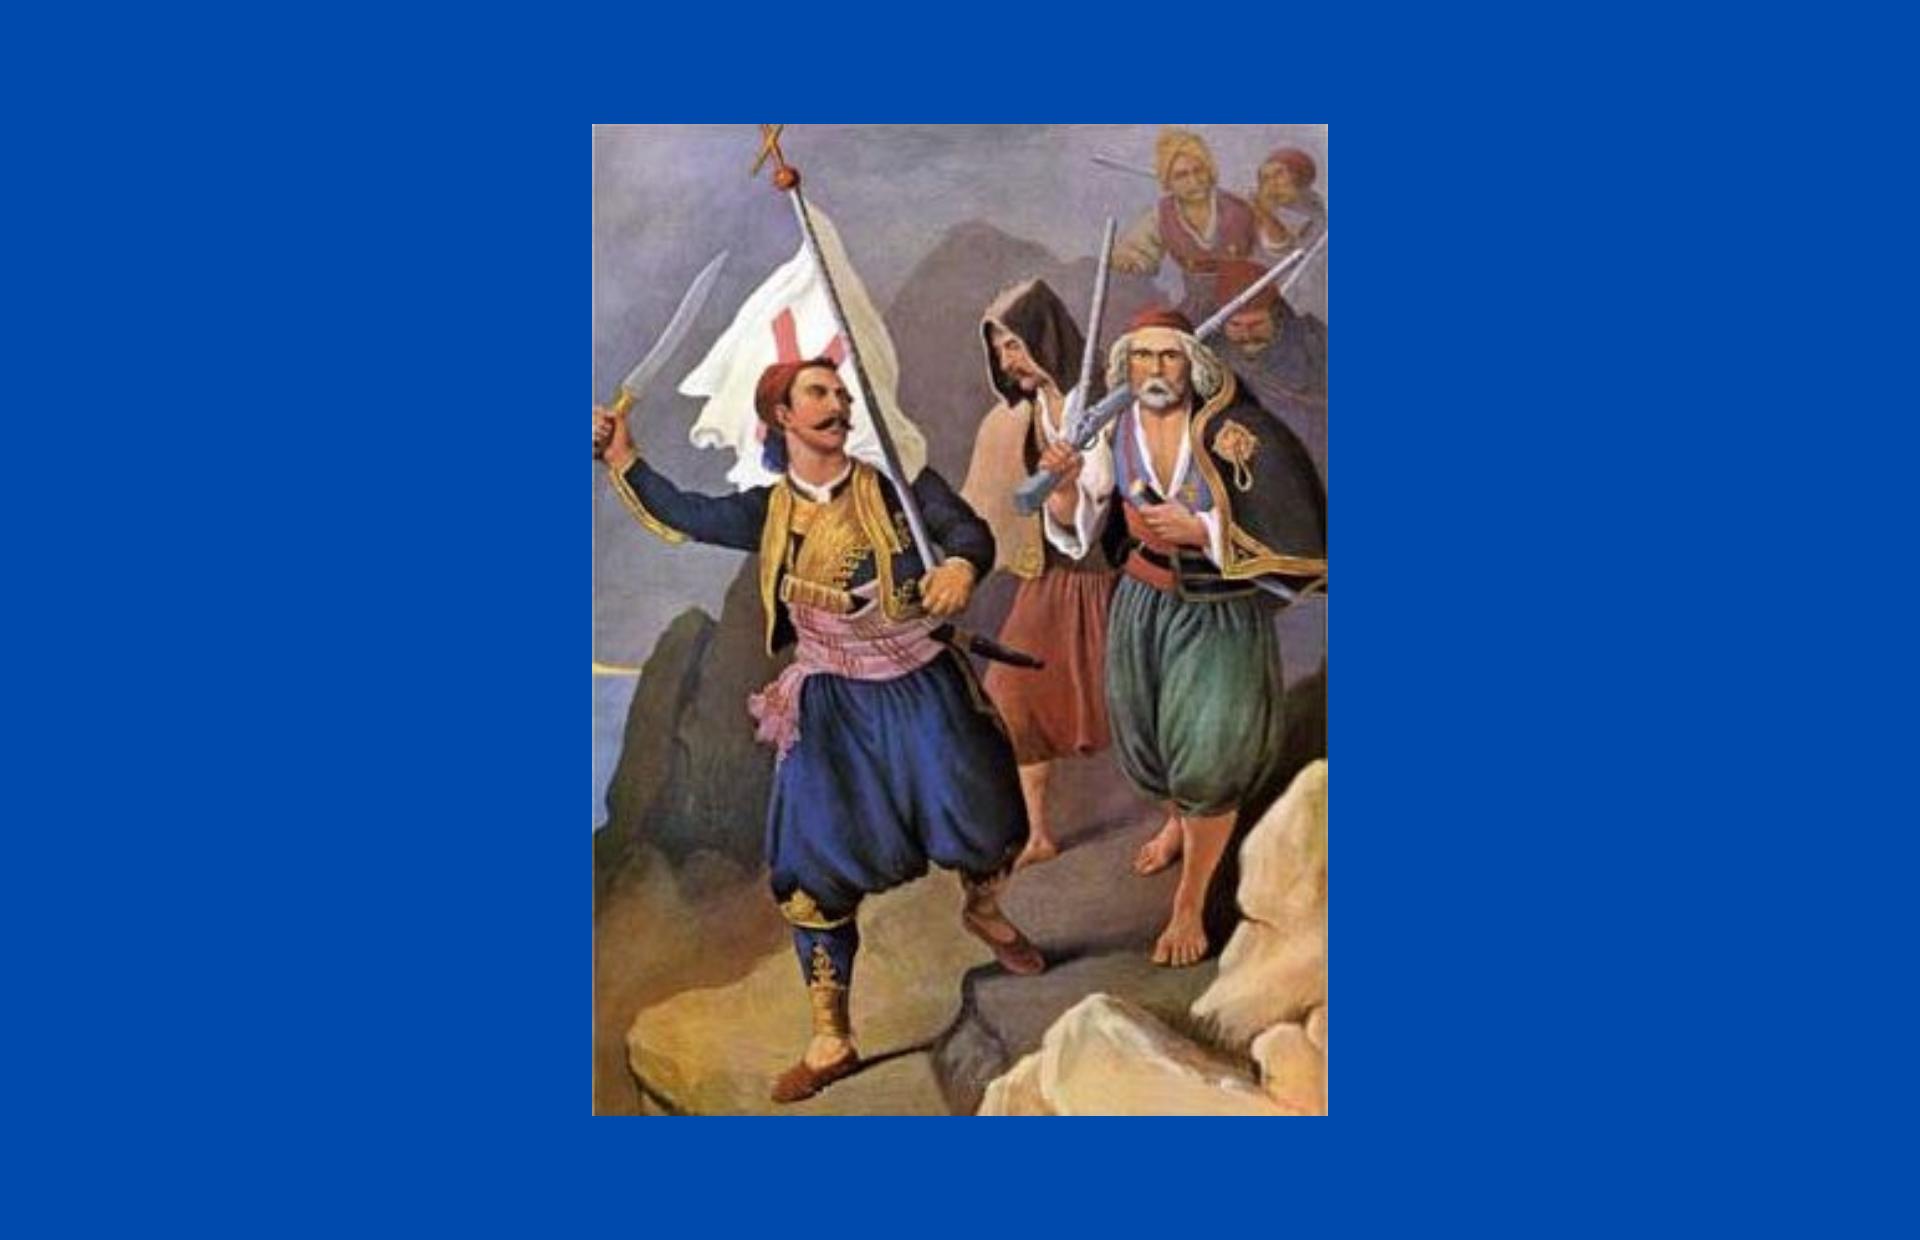 Ήταν 17 Μαρτίου του 1821 όταν οι Έλληνες «συνεννοήθησαν να λάβωσι τα όπλα κατά των Τούρκων»